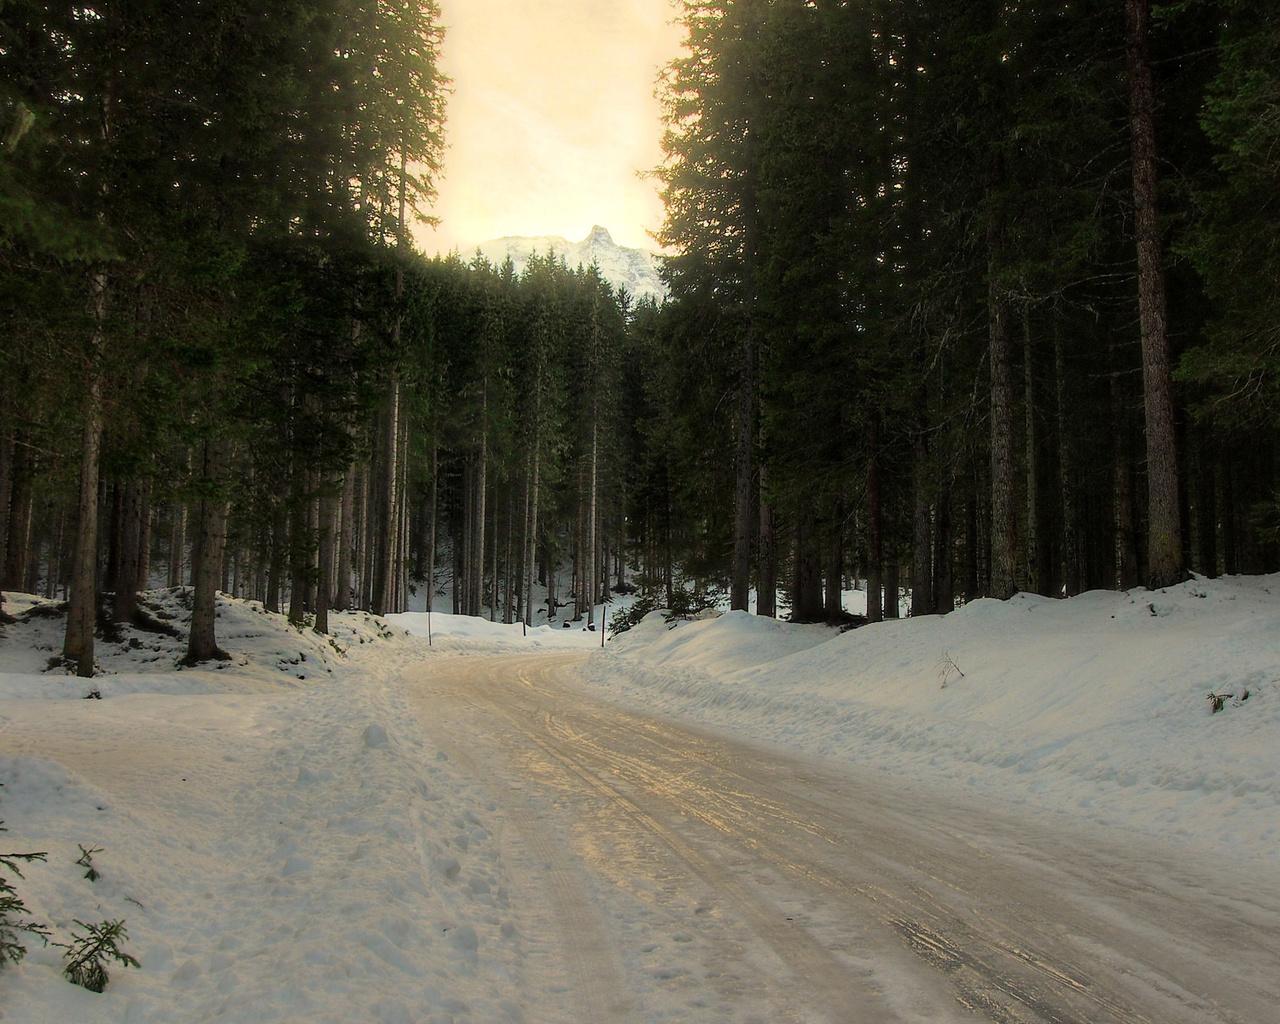 деревья, ель, зима, лес, снег, хвойные, поворот, Дорога